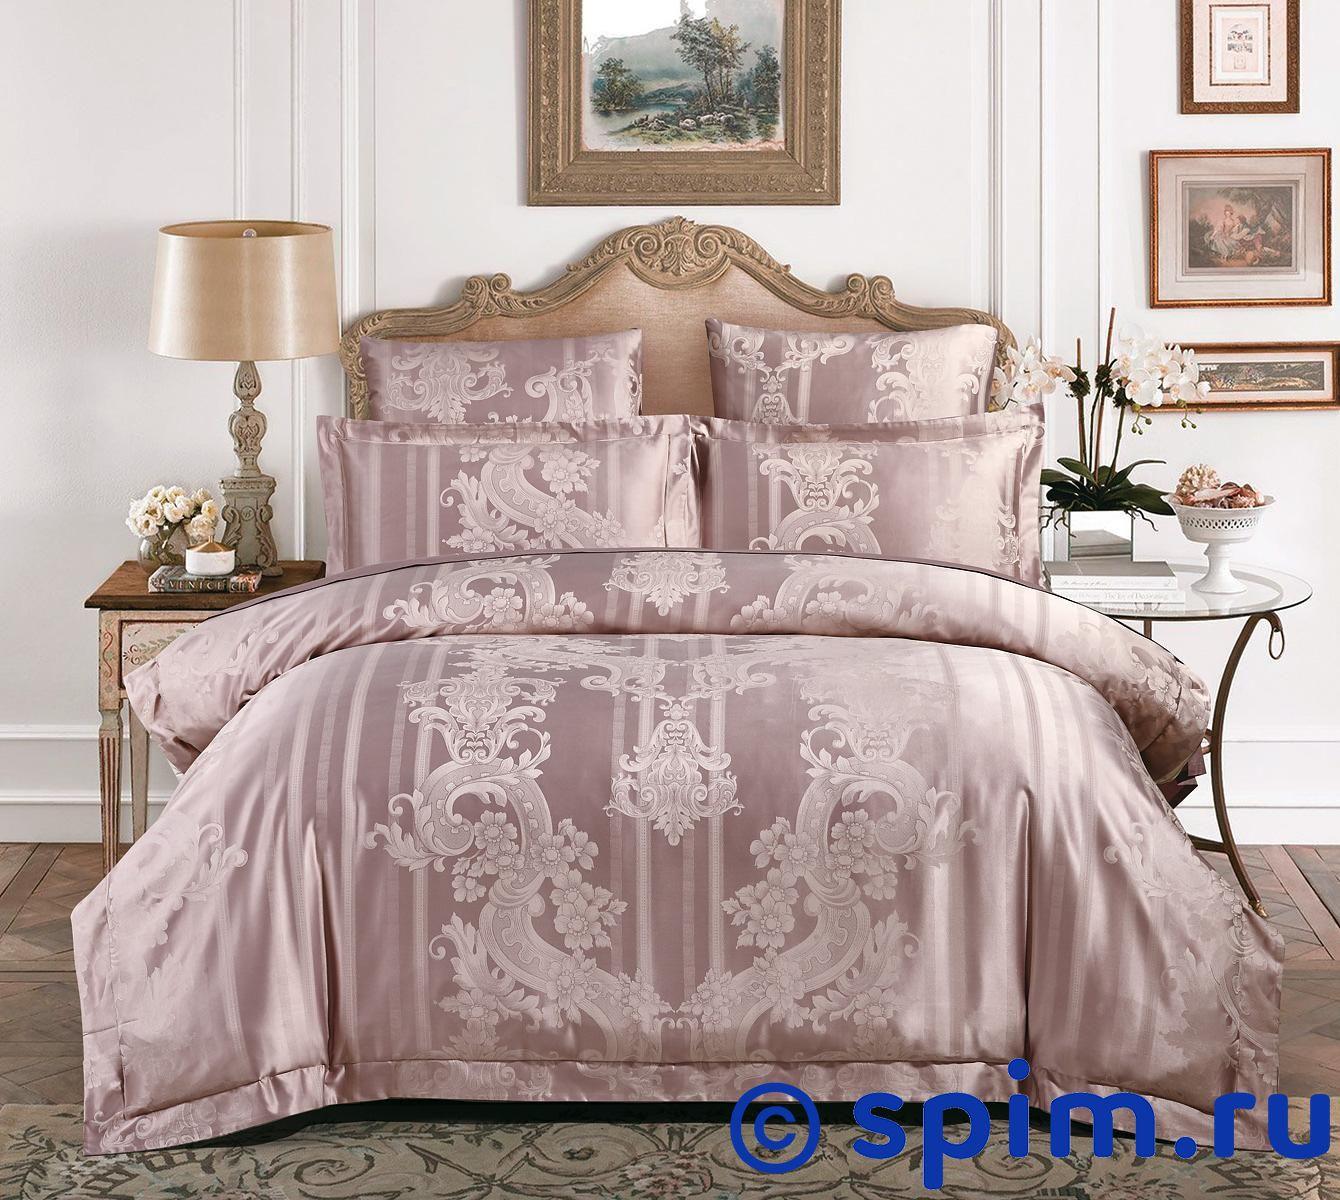 Постельное белье Asabella 814 Евро-стандарт постельное белье asabella постельное белье 1 5 спальное тенсел сатин